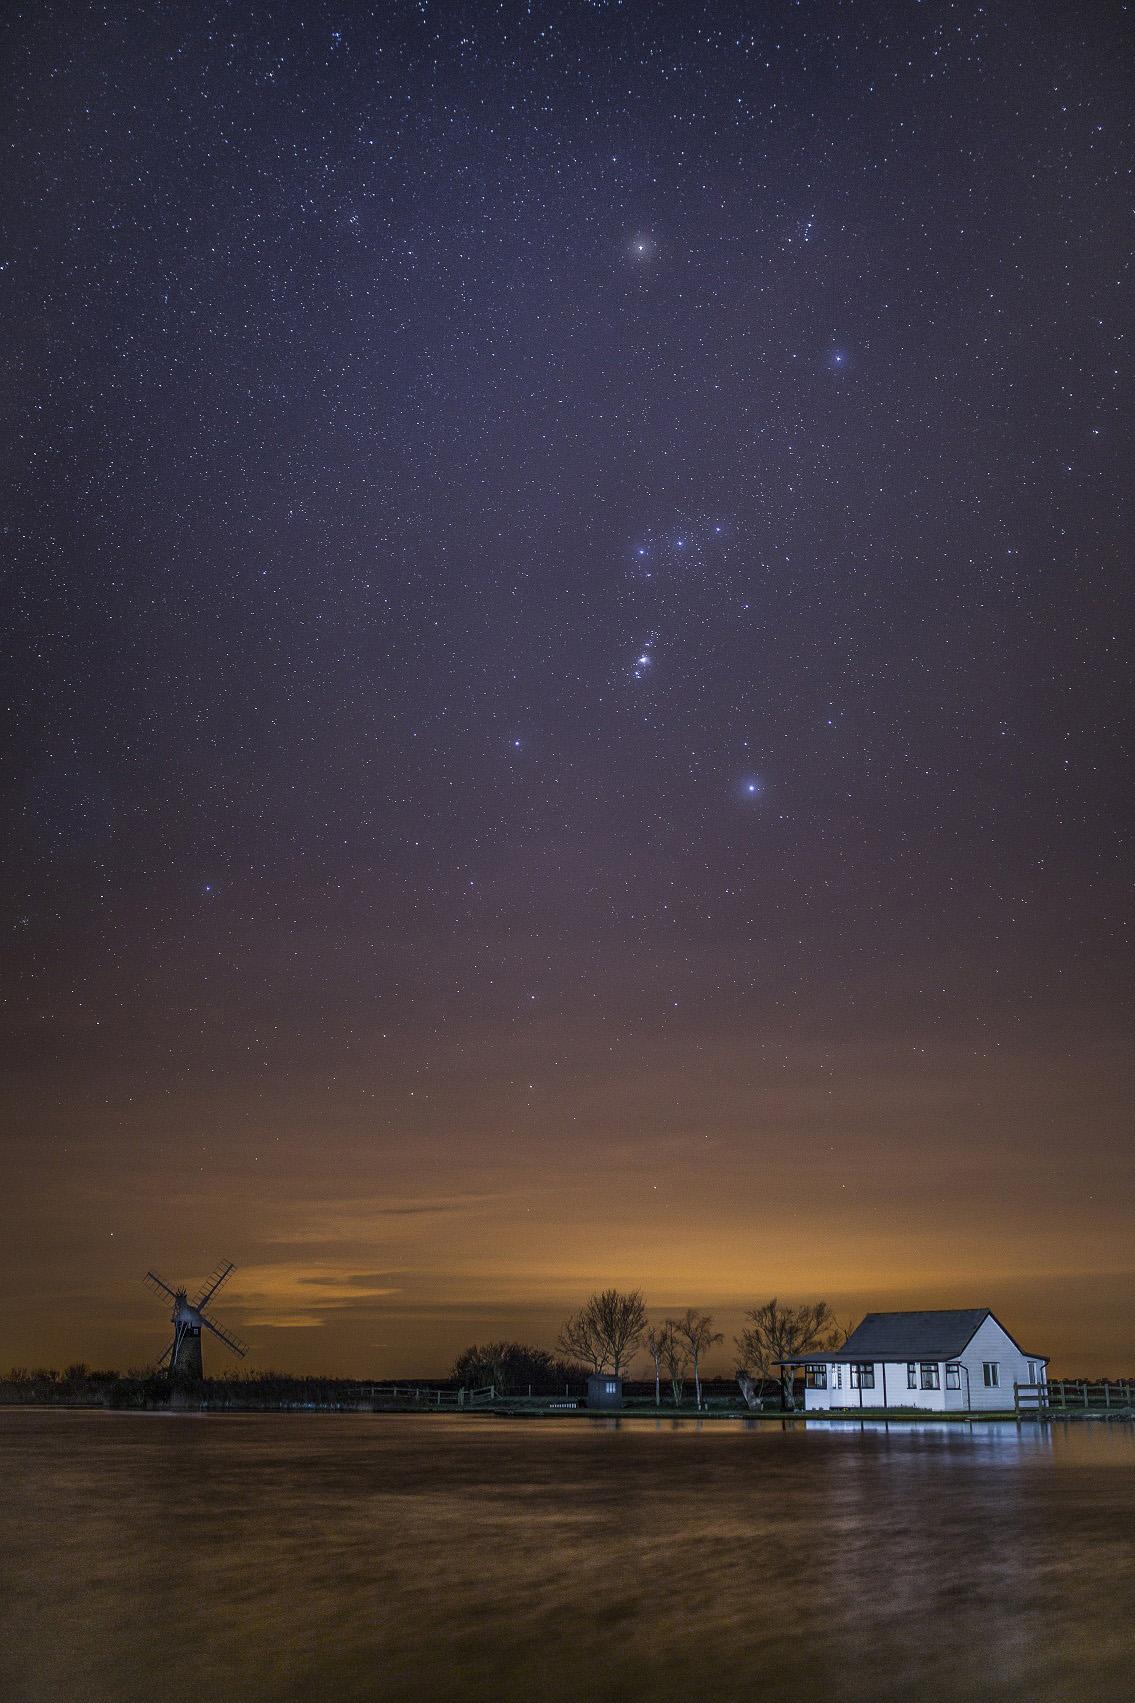 Night sky by Dibs McCallum